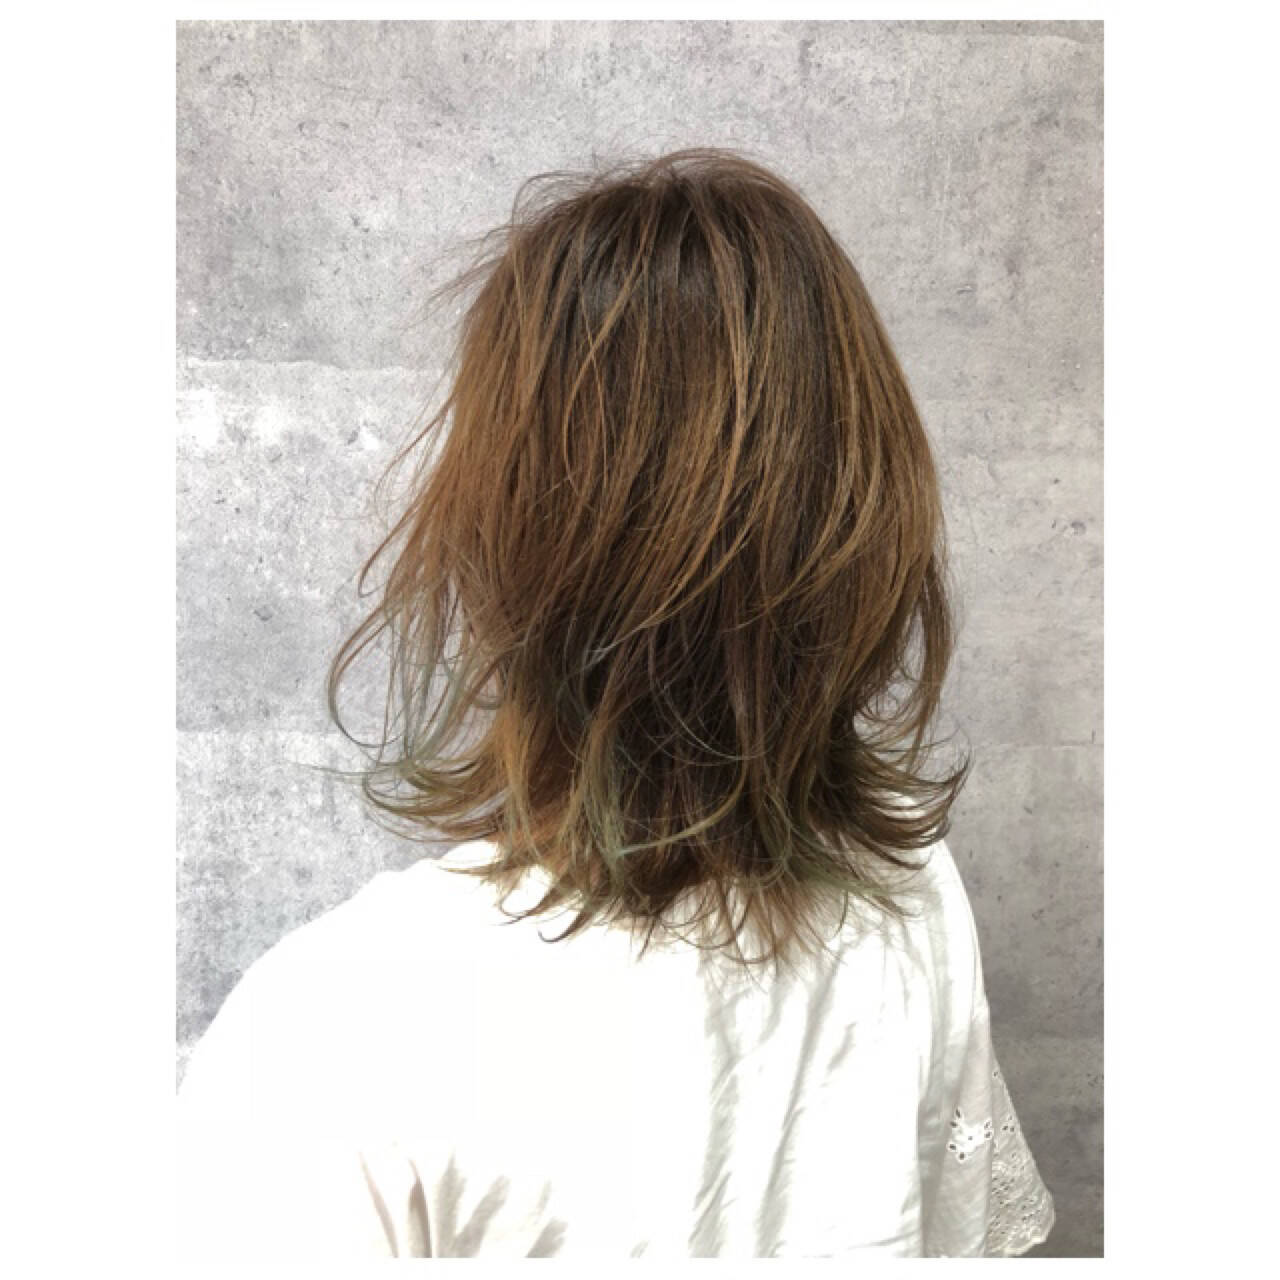 3Dカラー ミディアム ナチュラル 大人女子ヘアスタイルや髪型の写真・画像